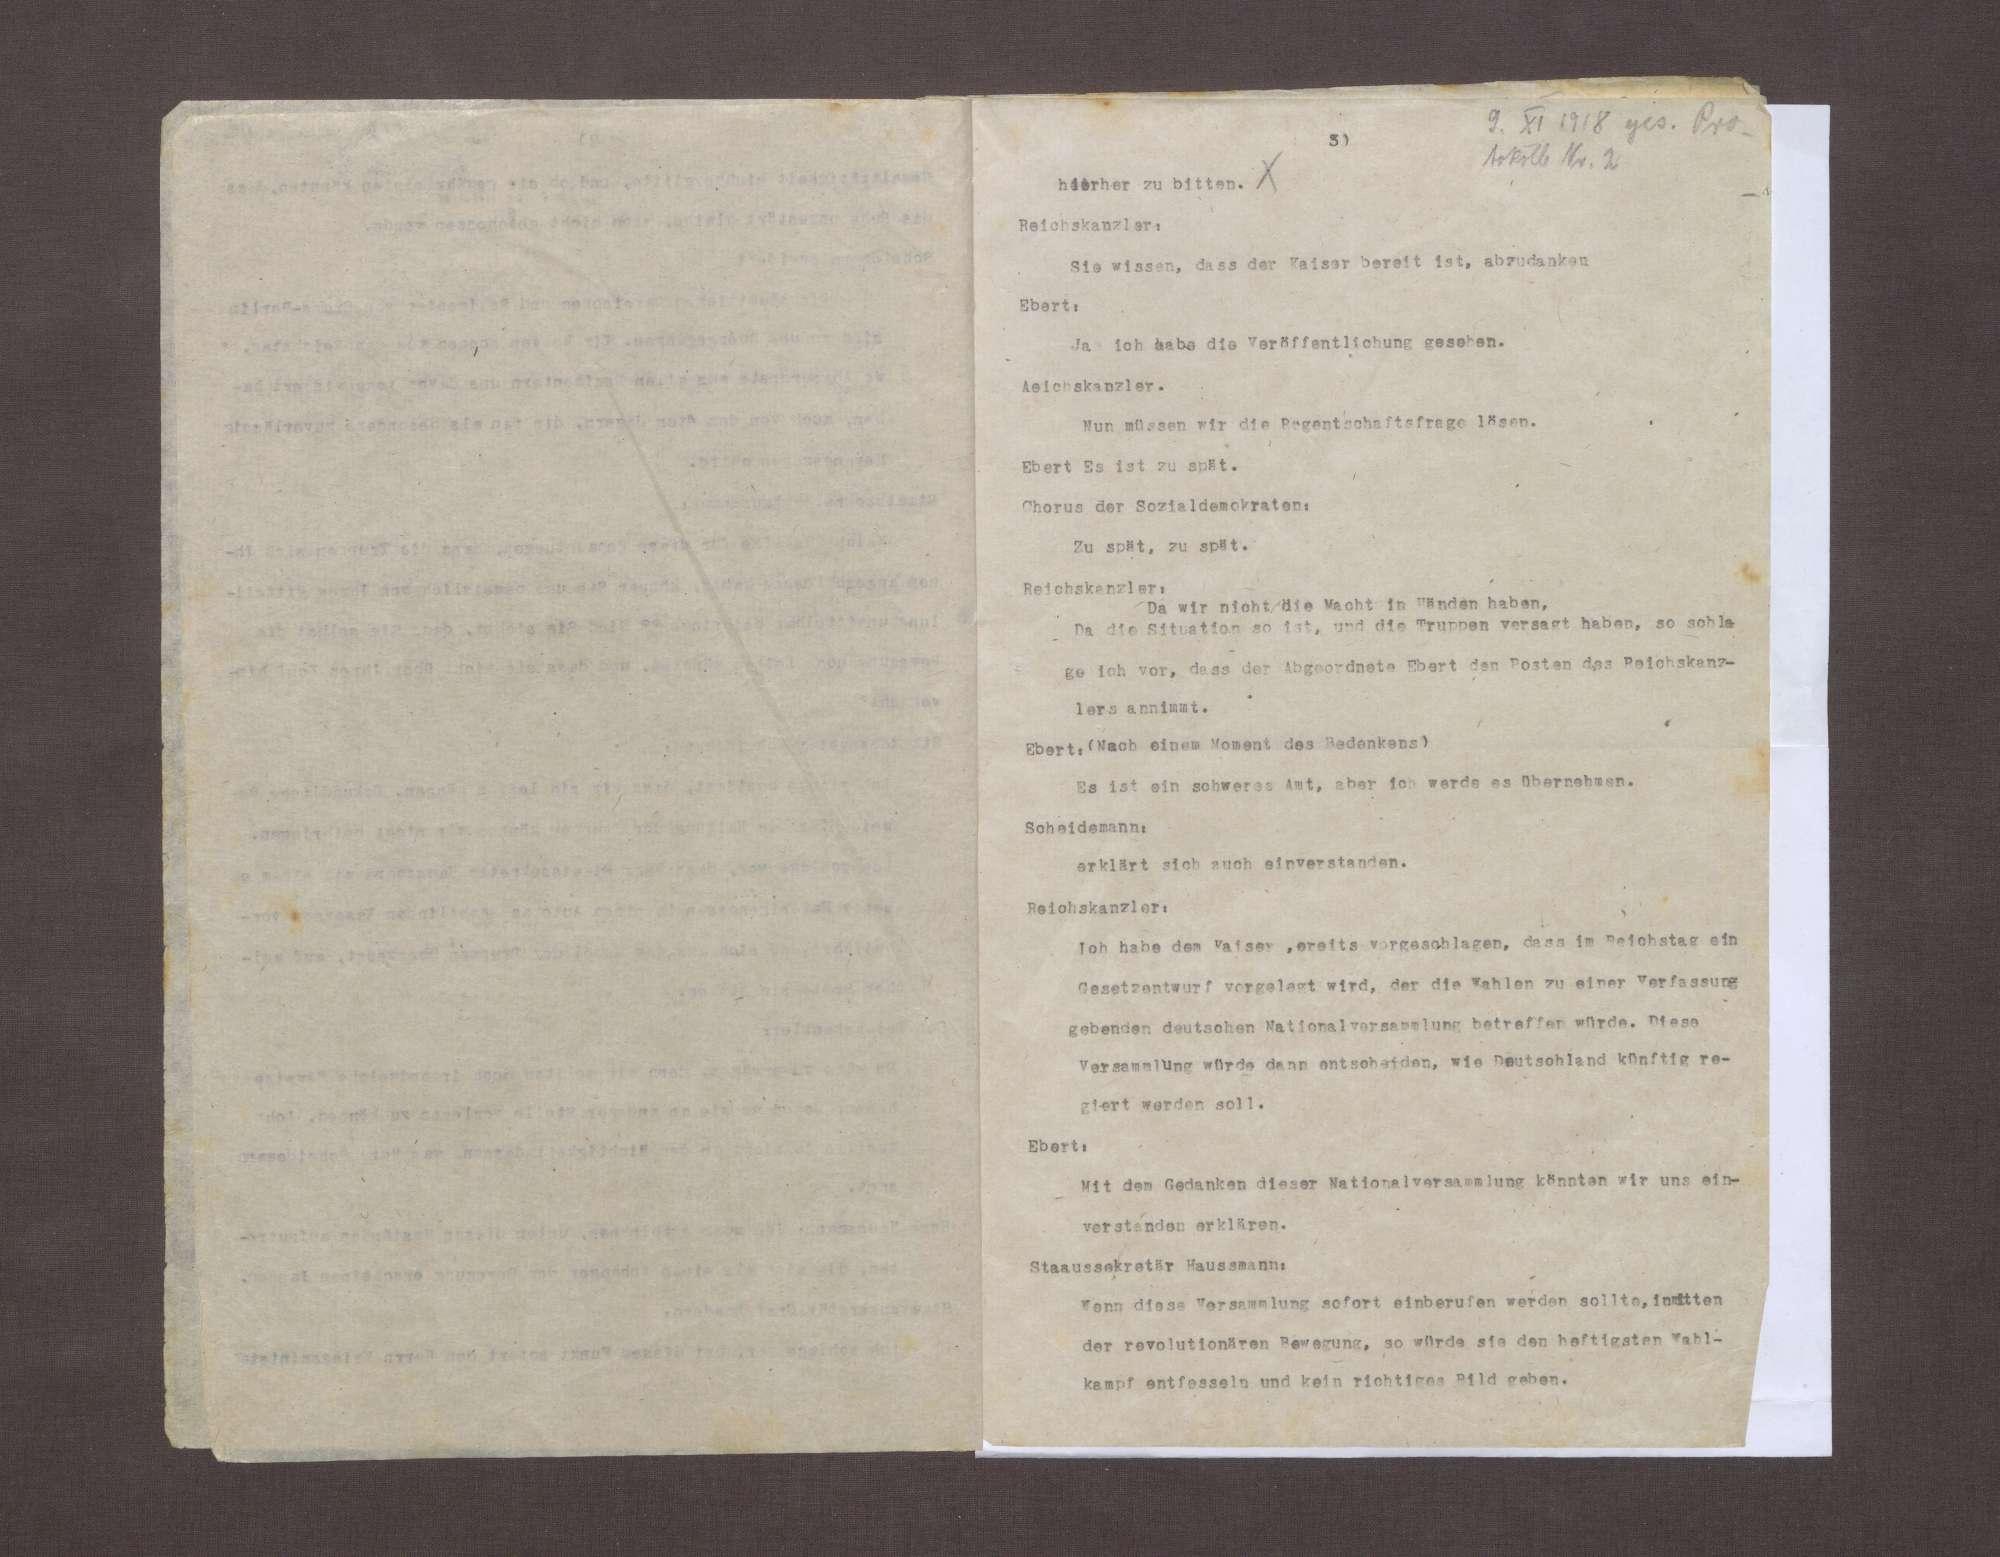 Aufzeichnung über die Besprechung zwischen der sozialdemokratischen Deputation und dem Reichskanzler Prinz Max von Baden, aus dem Gedächtnis aufgezeichnet von Staatssekretär Haußmann und Geheimrat Simons, Bild 3